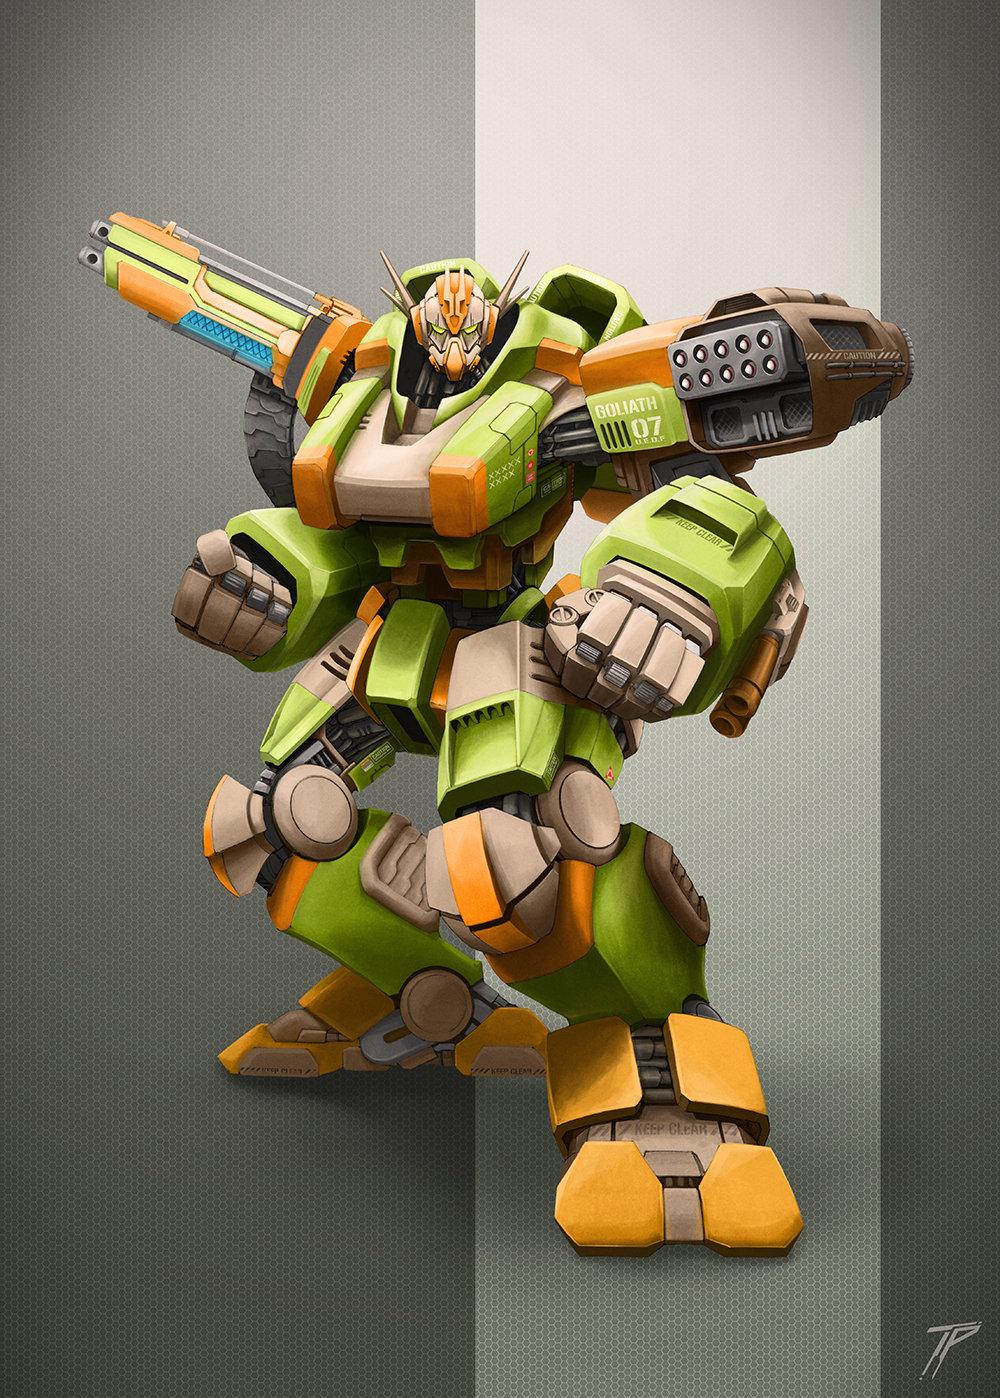 Goliath Mecha